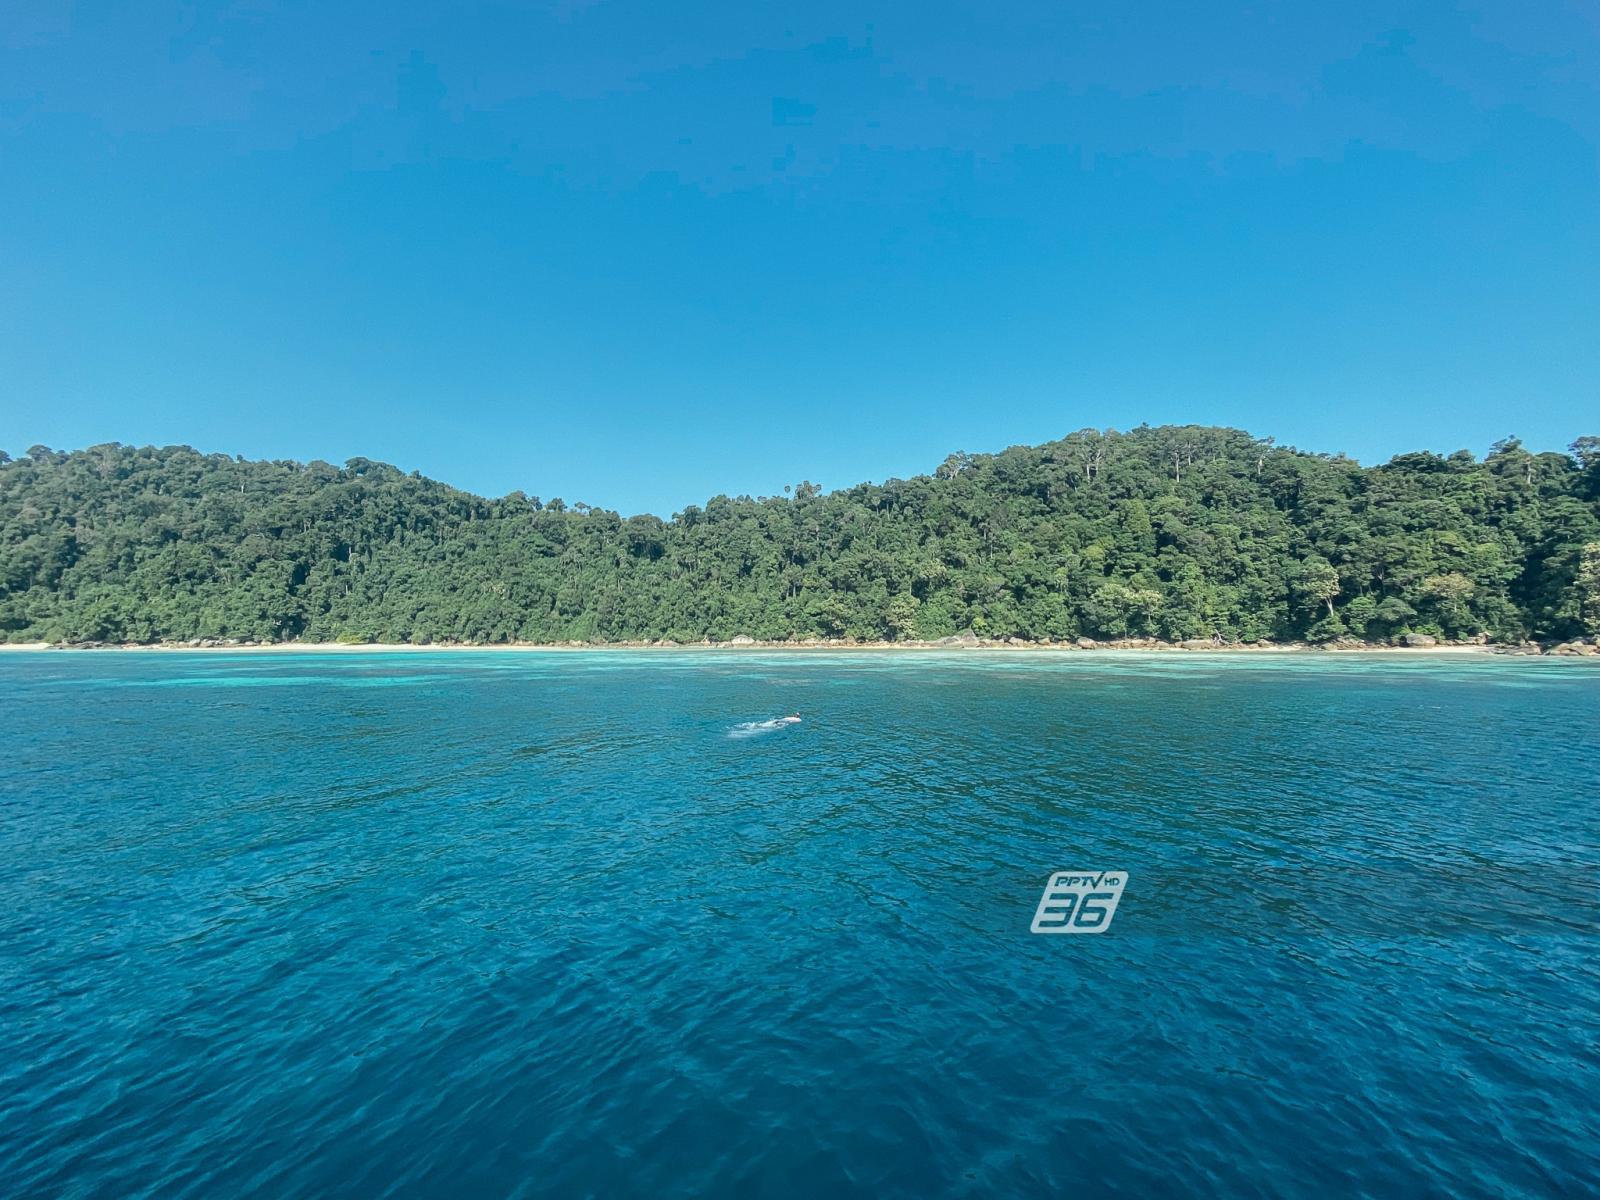 """สัมผัสโลกแห่งท้องทะไลไทย """"หมู่เกาะสุรินทร์"""" สวรรค์ของนักดำน้ำทั่วโลก"""